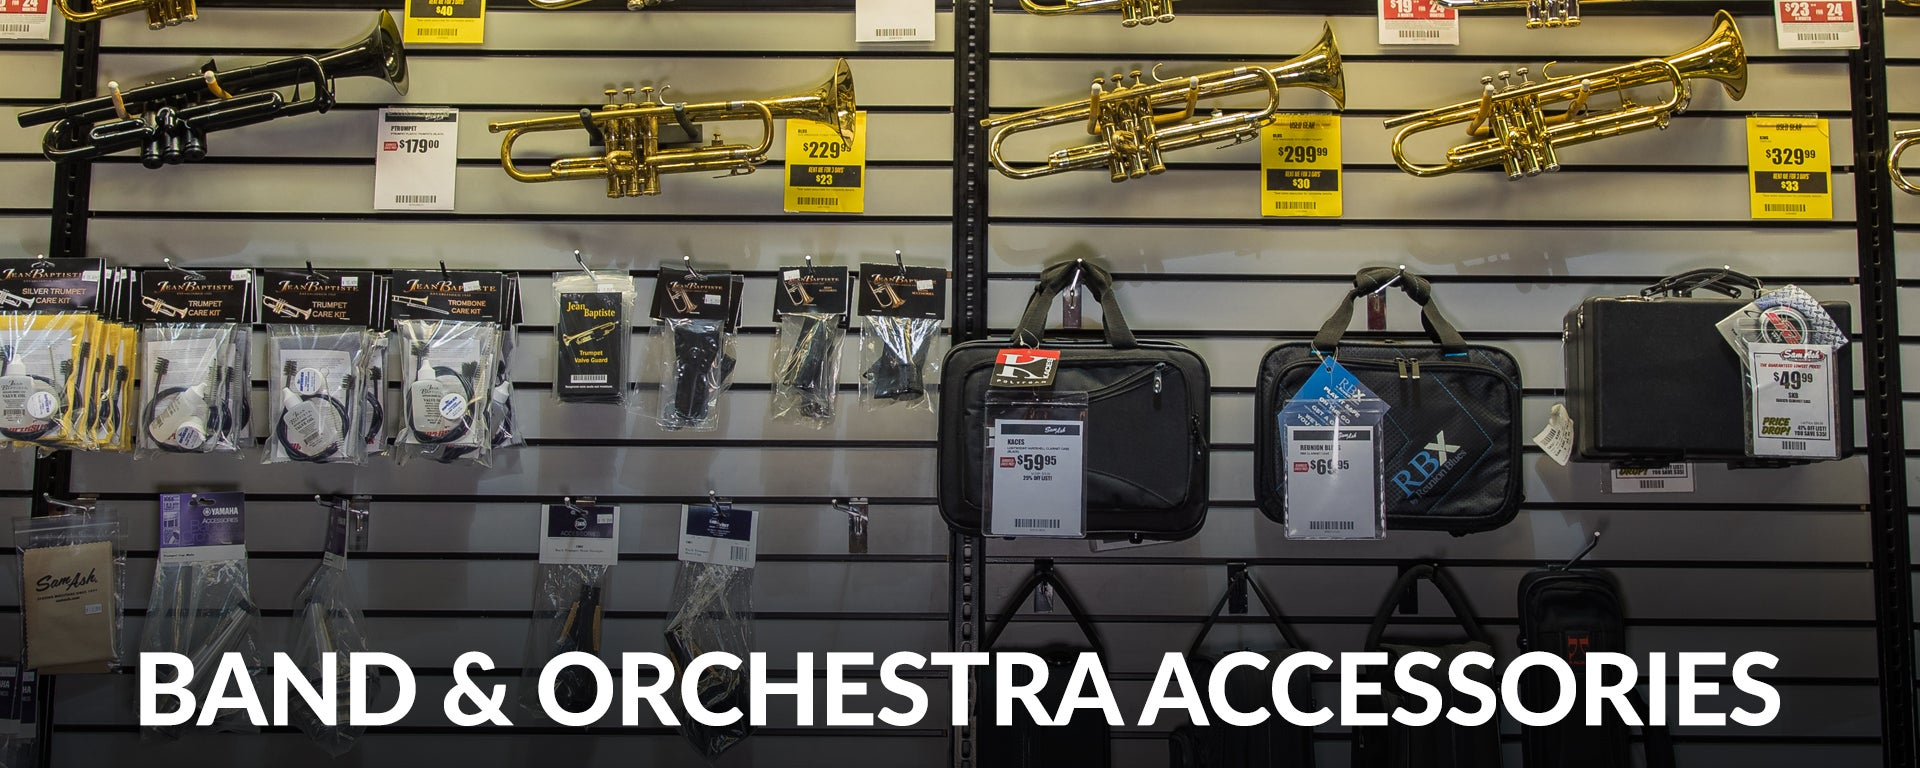 Shop Band and Orchestra Accessories at SamAsh.com